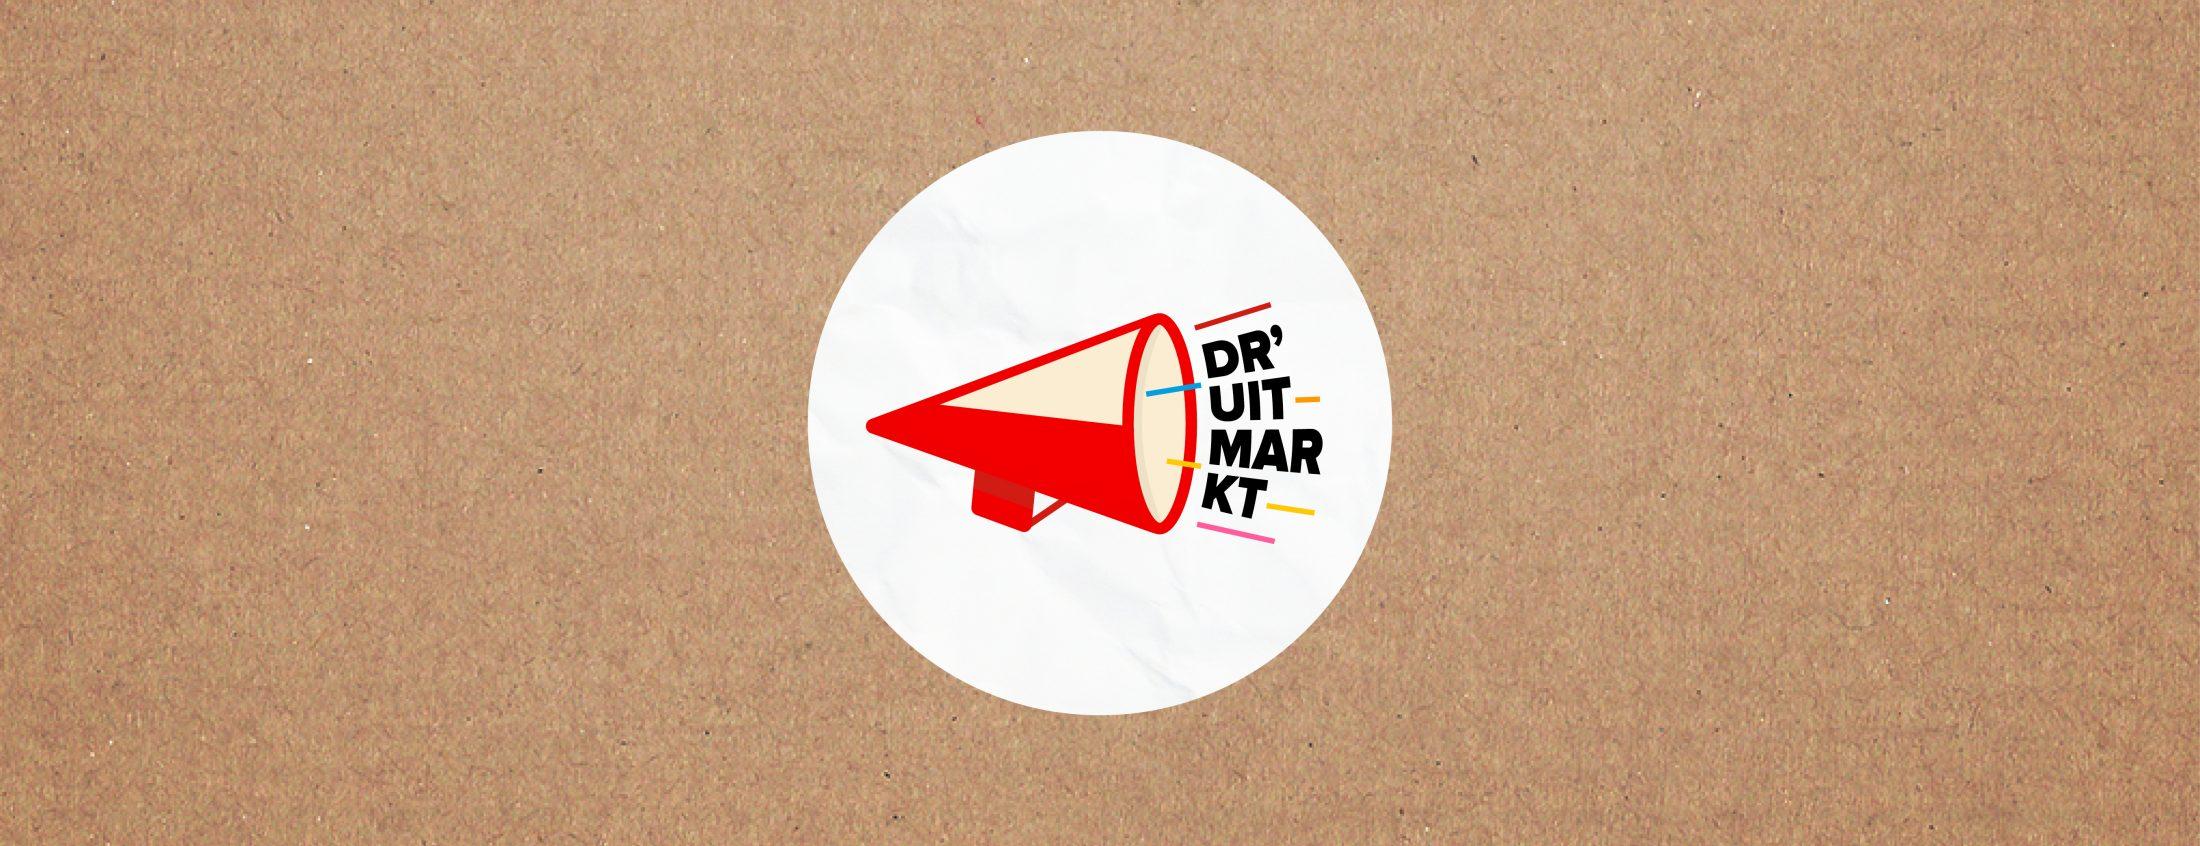 x-dr-uitmarkt